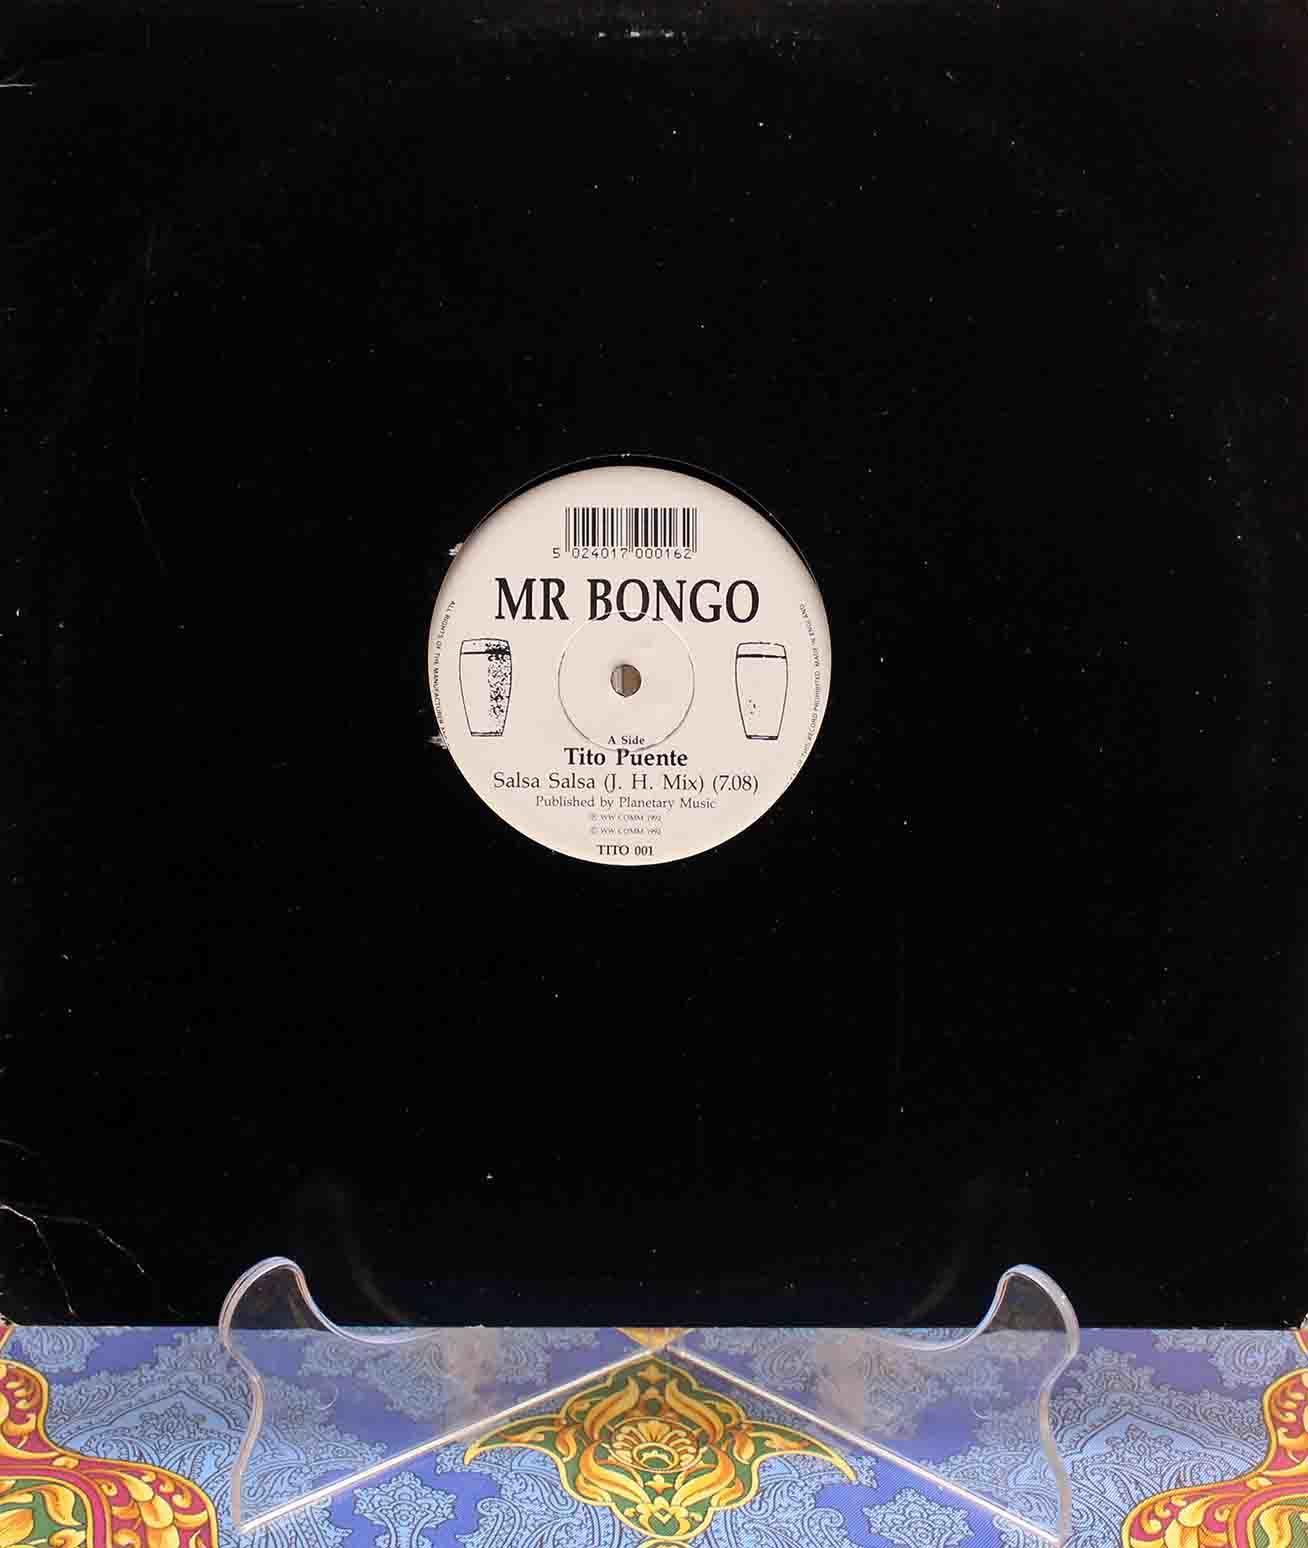 Tito Puente - Oye Como Va 02